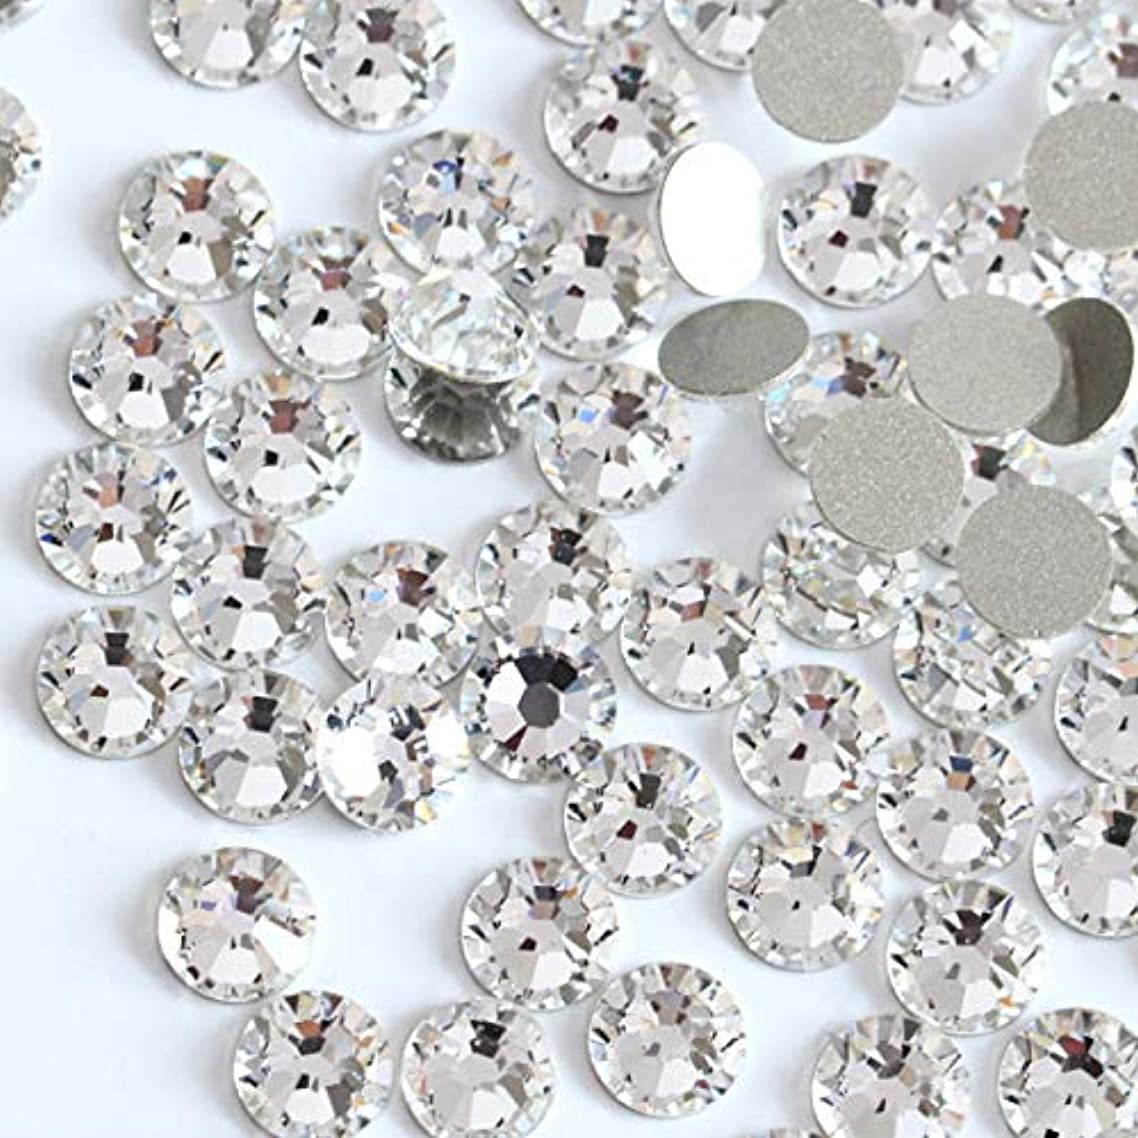 予定割り込みしばしば【ラインストーン77】高品質ガラス製ラインストーン クリスタル SS3(1.3mm)約1440粒